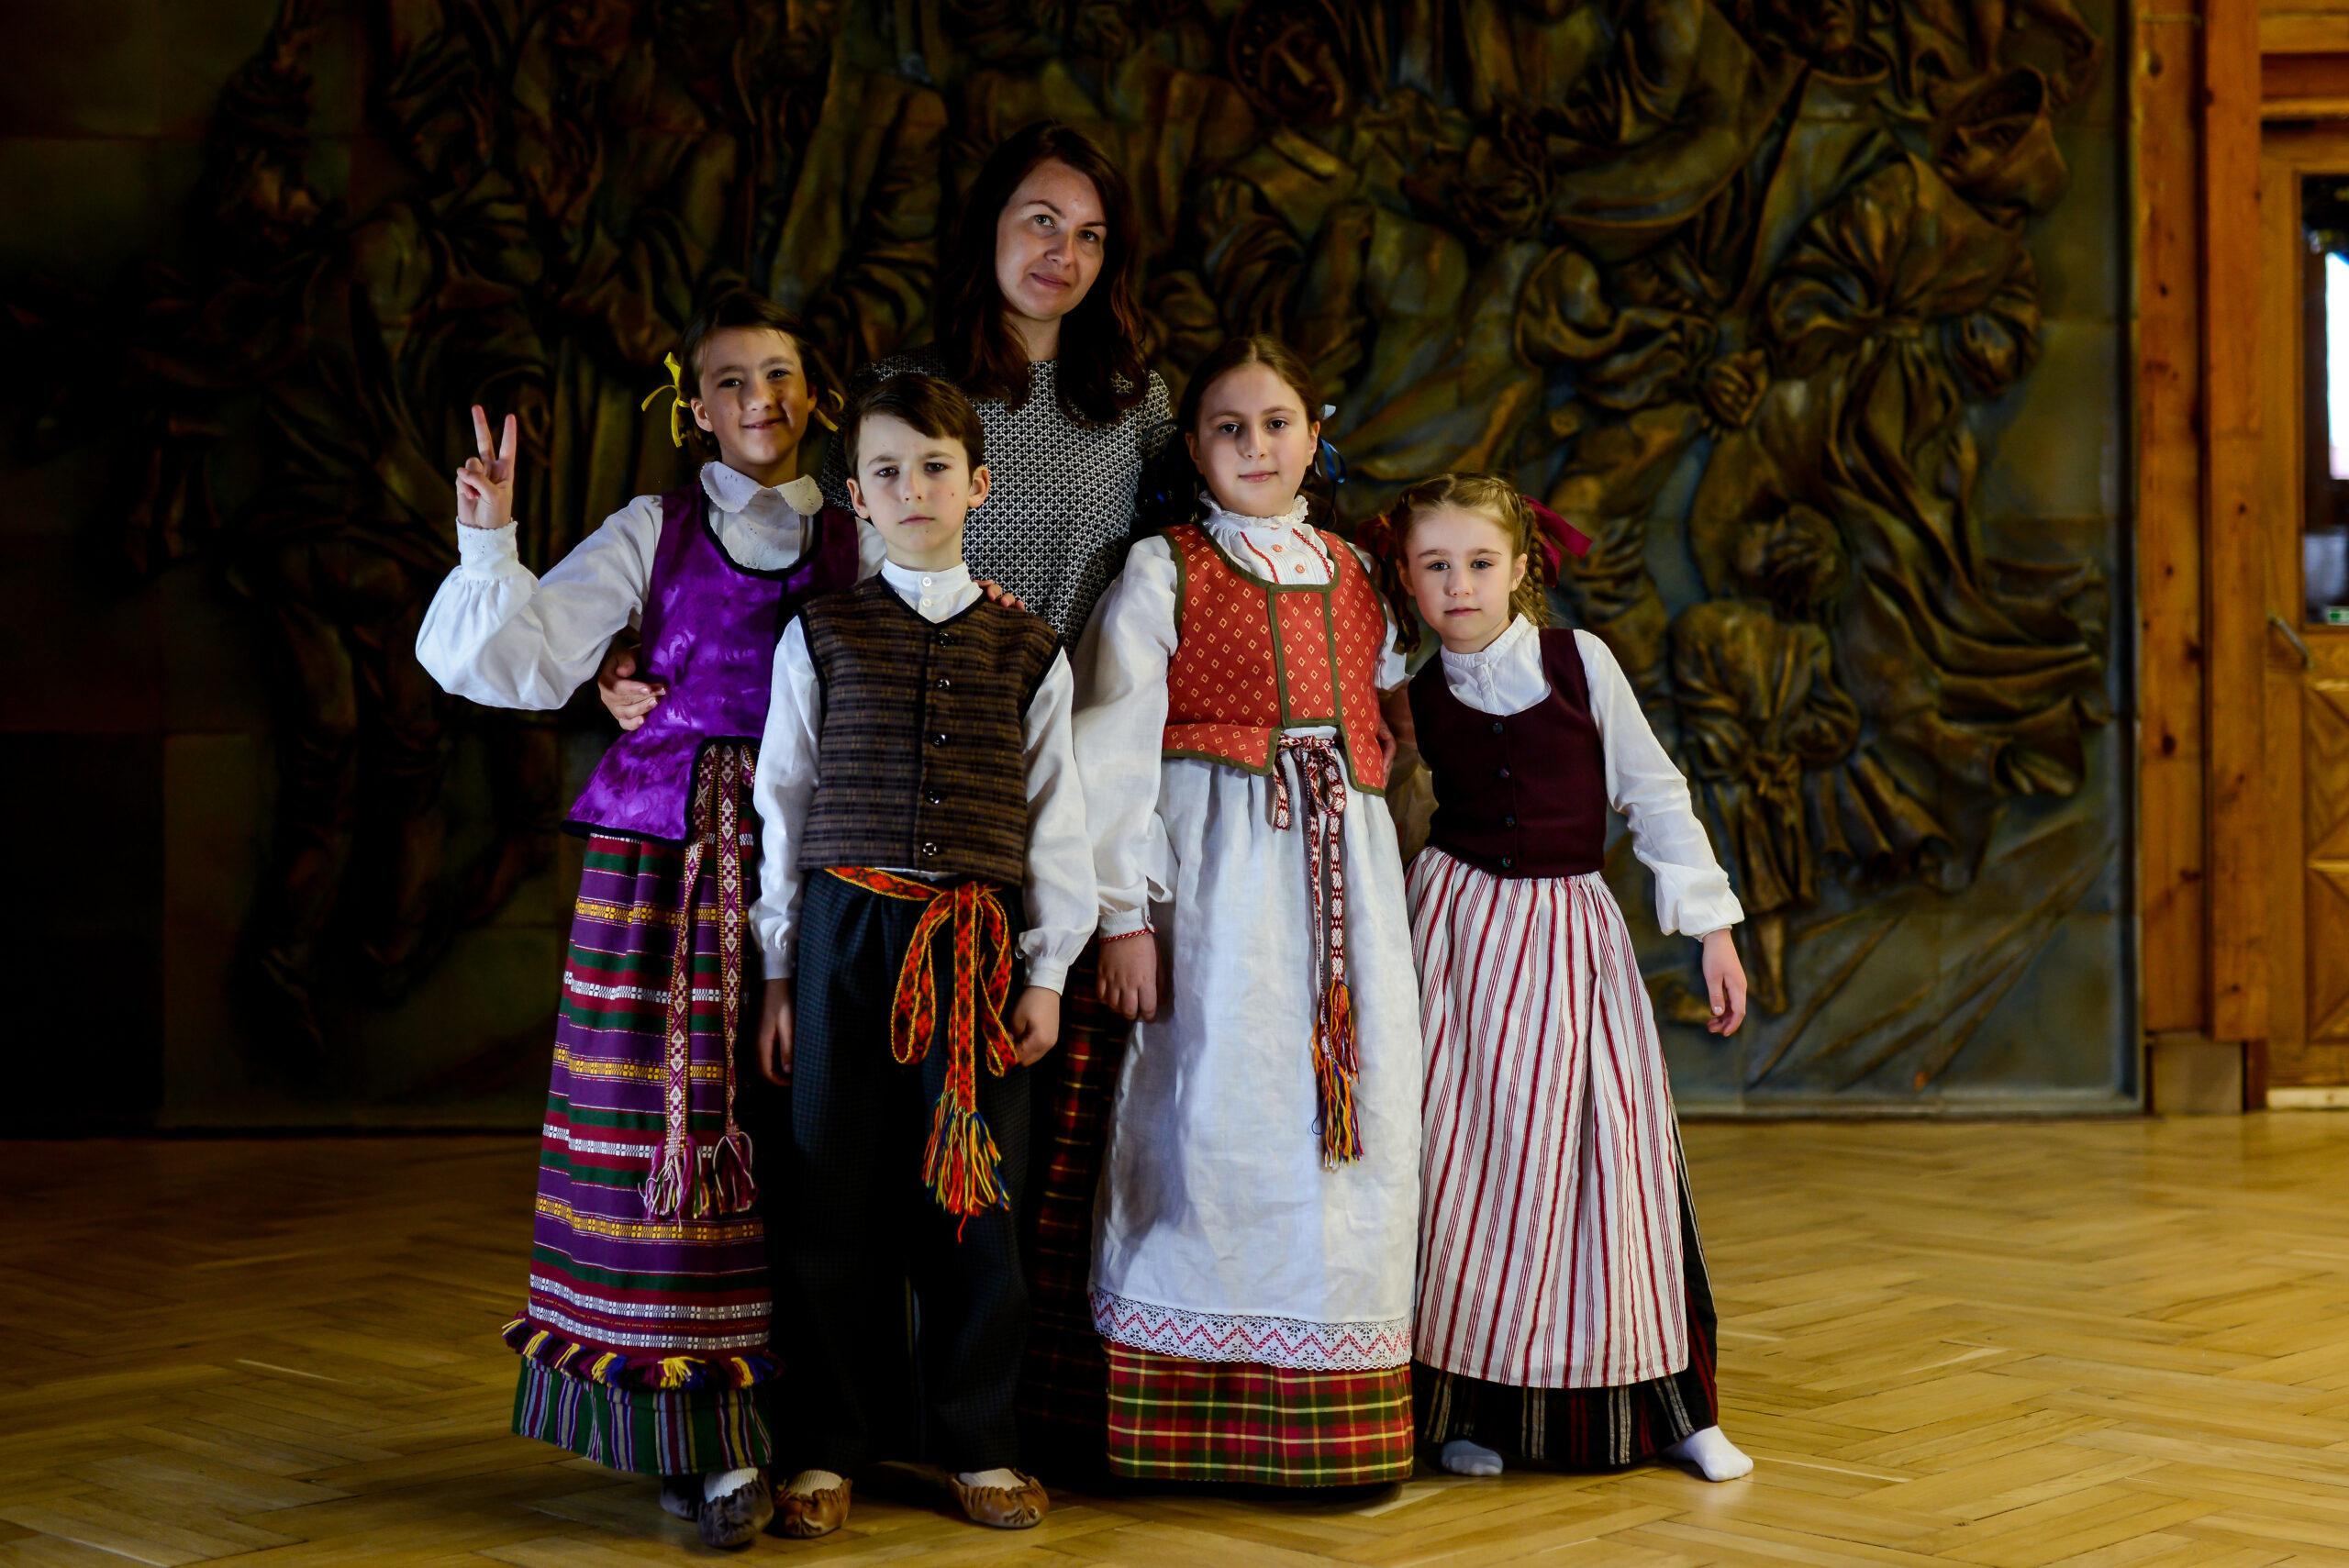 Sveikiname Elzę Šiškauskaitę, Tomą Ivanauskaitę, Medeiną ir Motiejų Kalinauskus